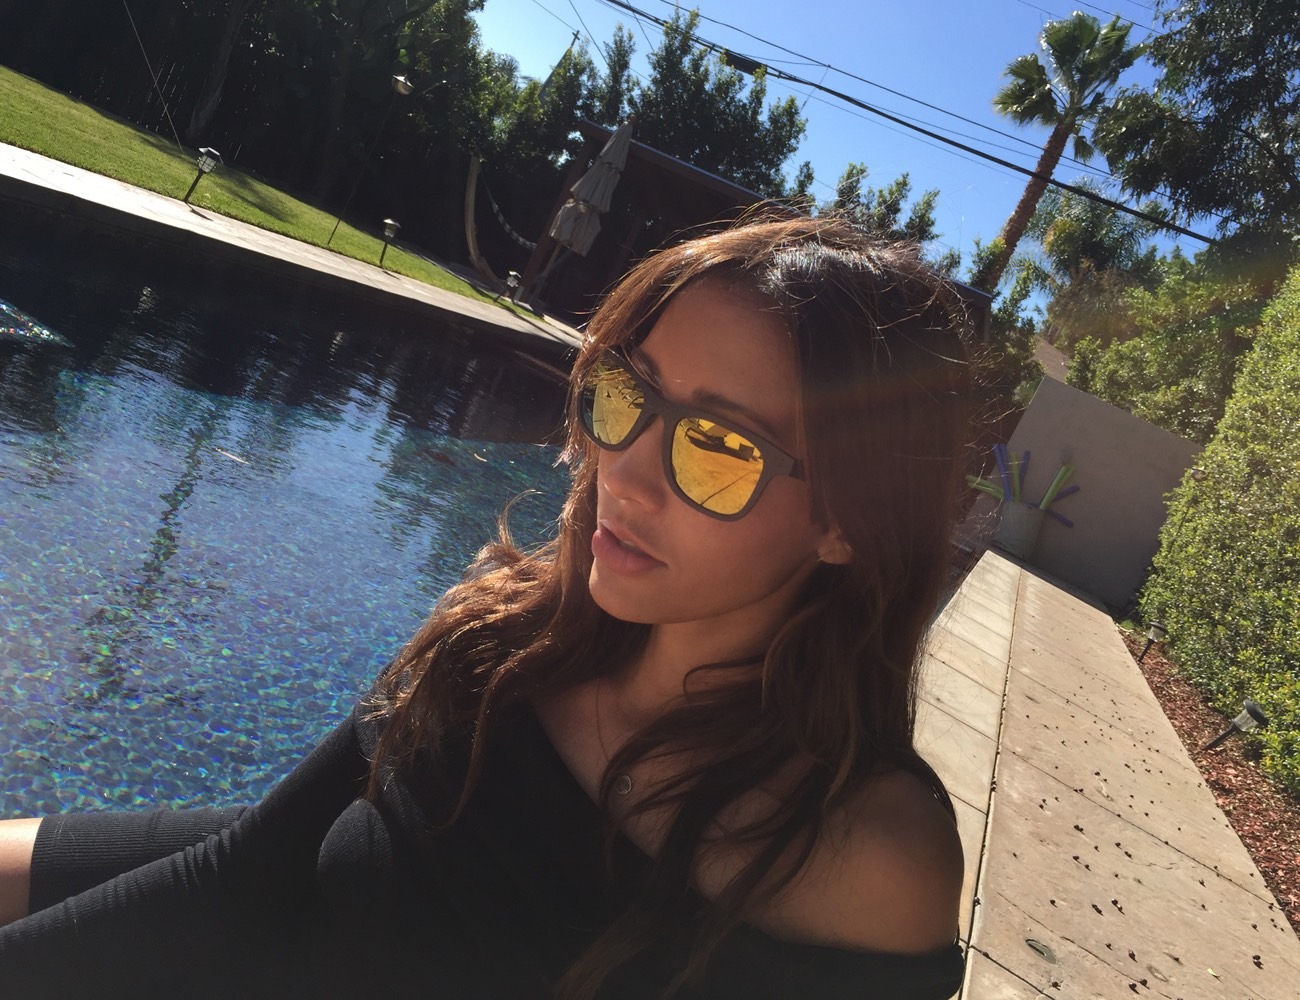 Zerpico – Carbon Fiber Sunglasses